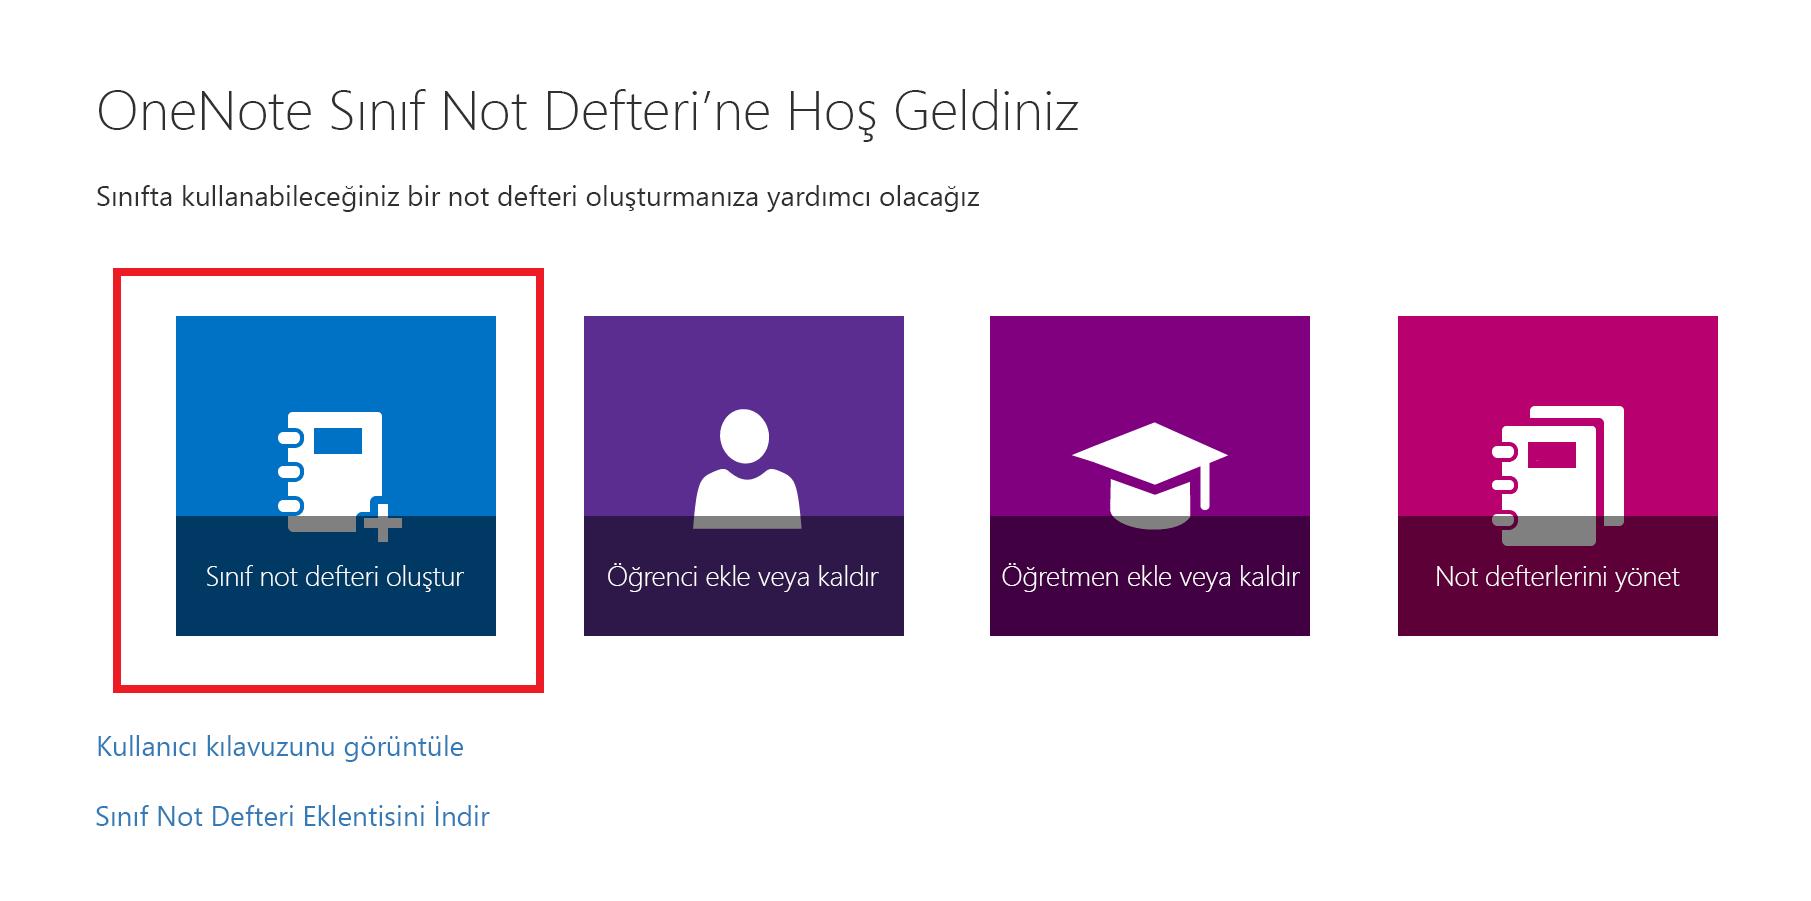 Sınıf Not Defteri uygulaması hoş geldiniz sayfasının ekran görüntüsü.